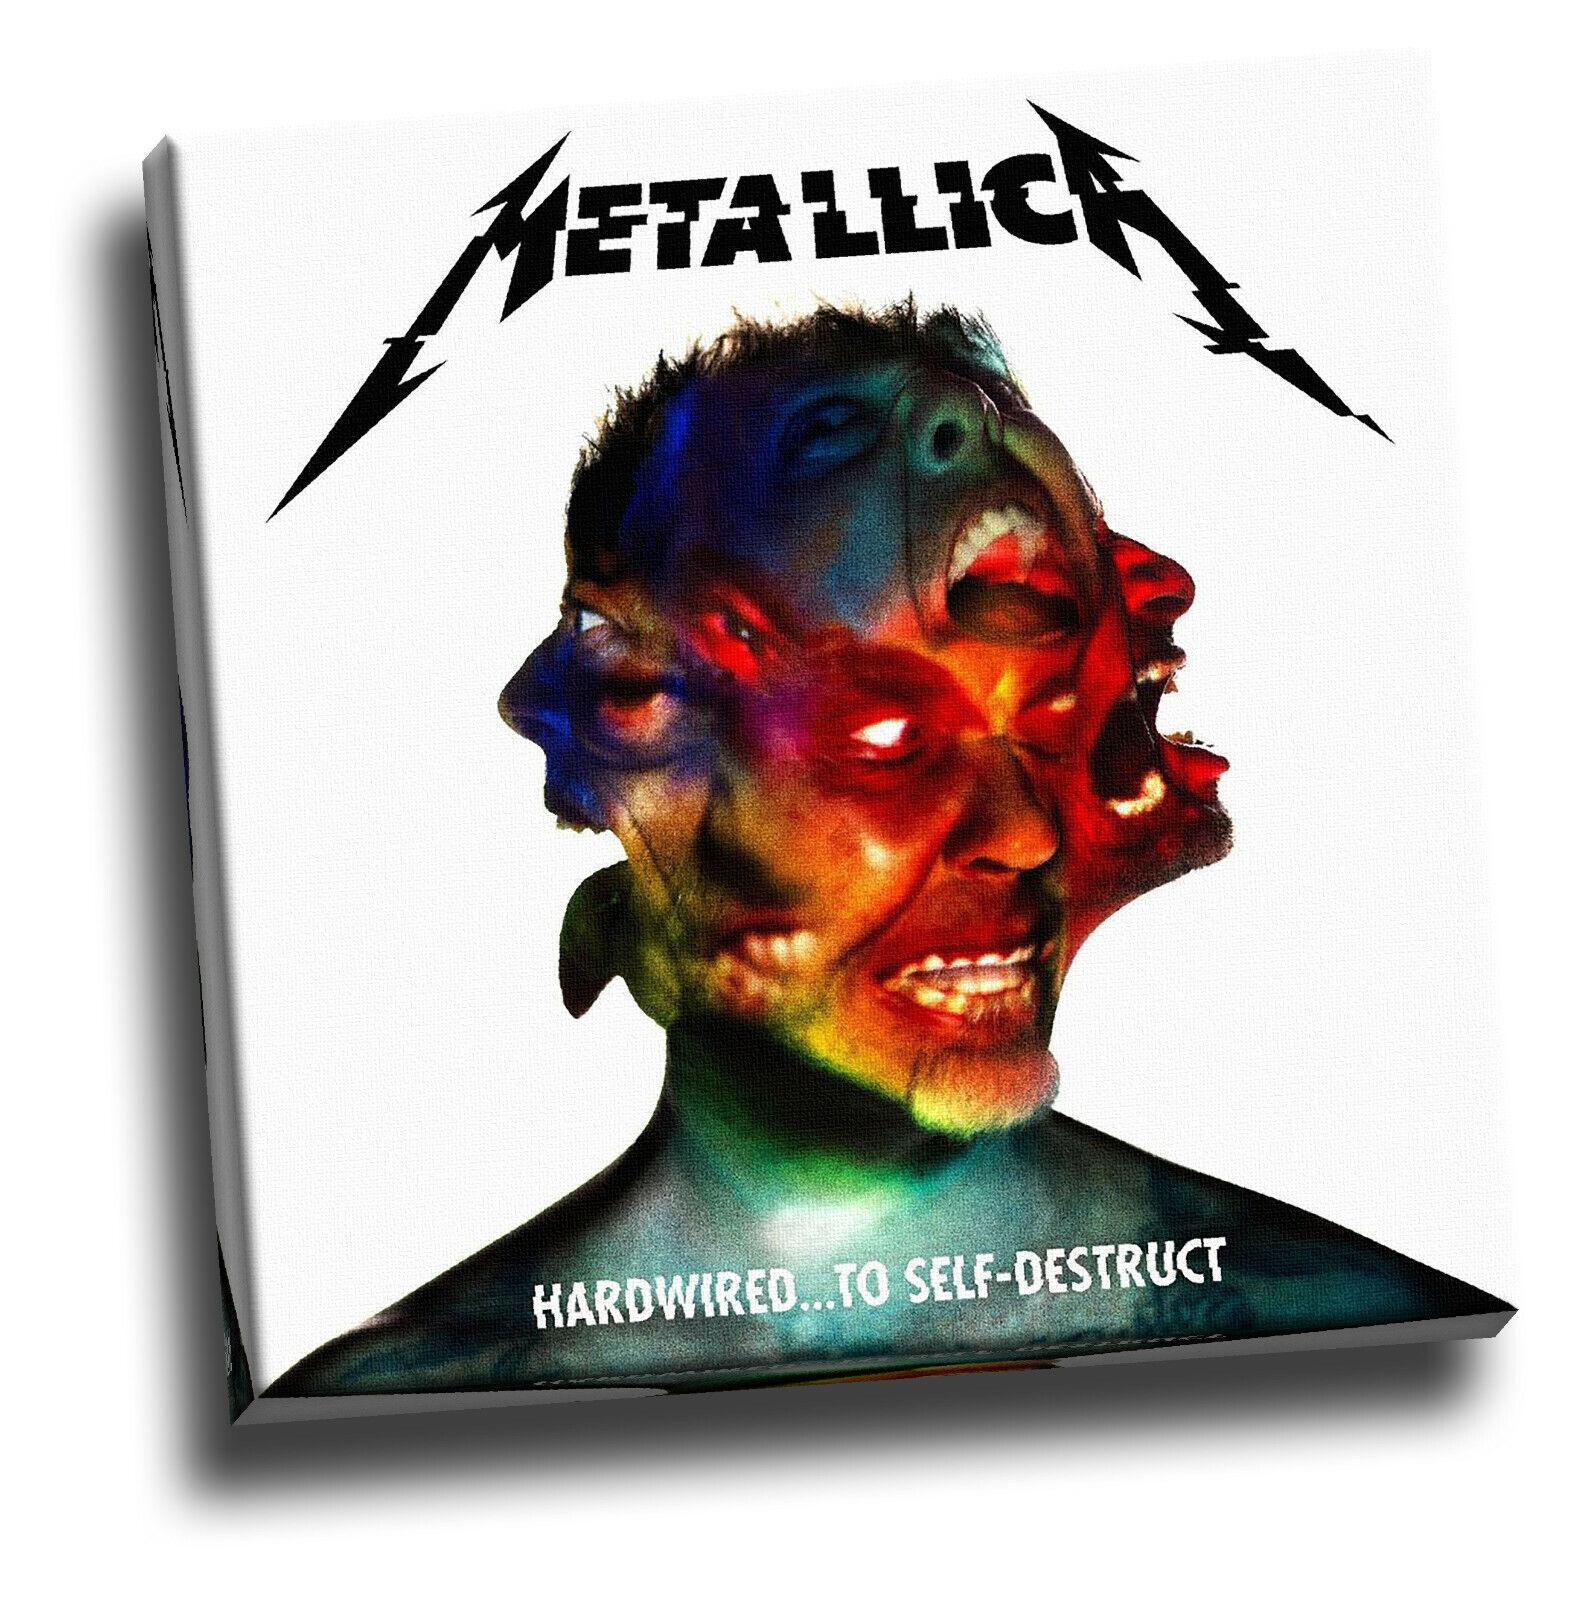 I Metallica programmati per Auto-Distruzione Giclee su tela arte ALBUM FOTO DI COPERTINA